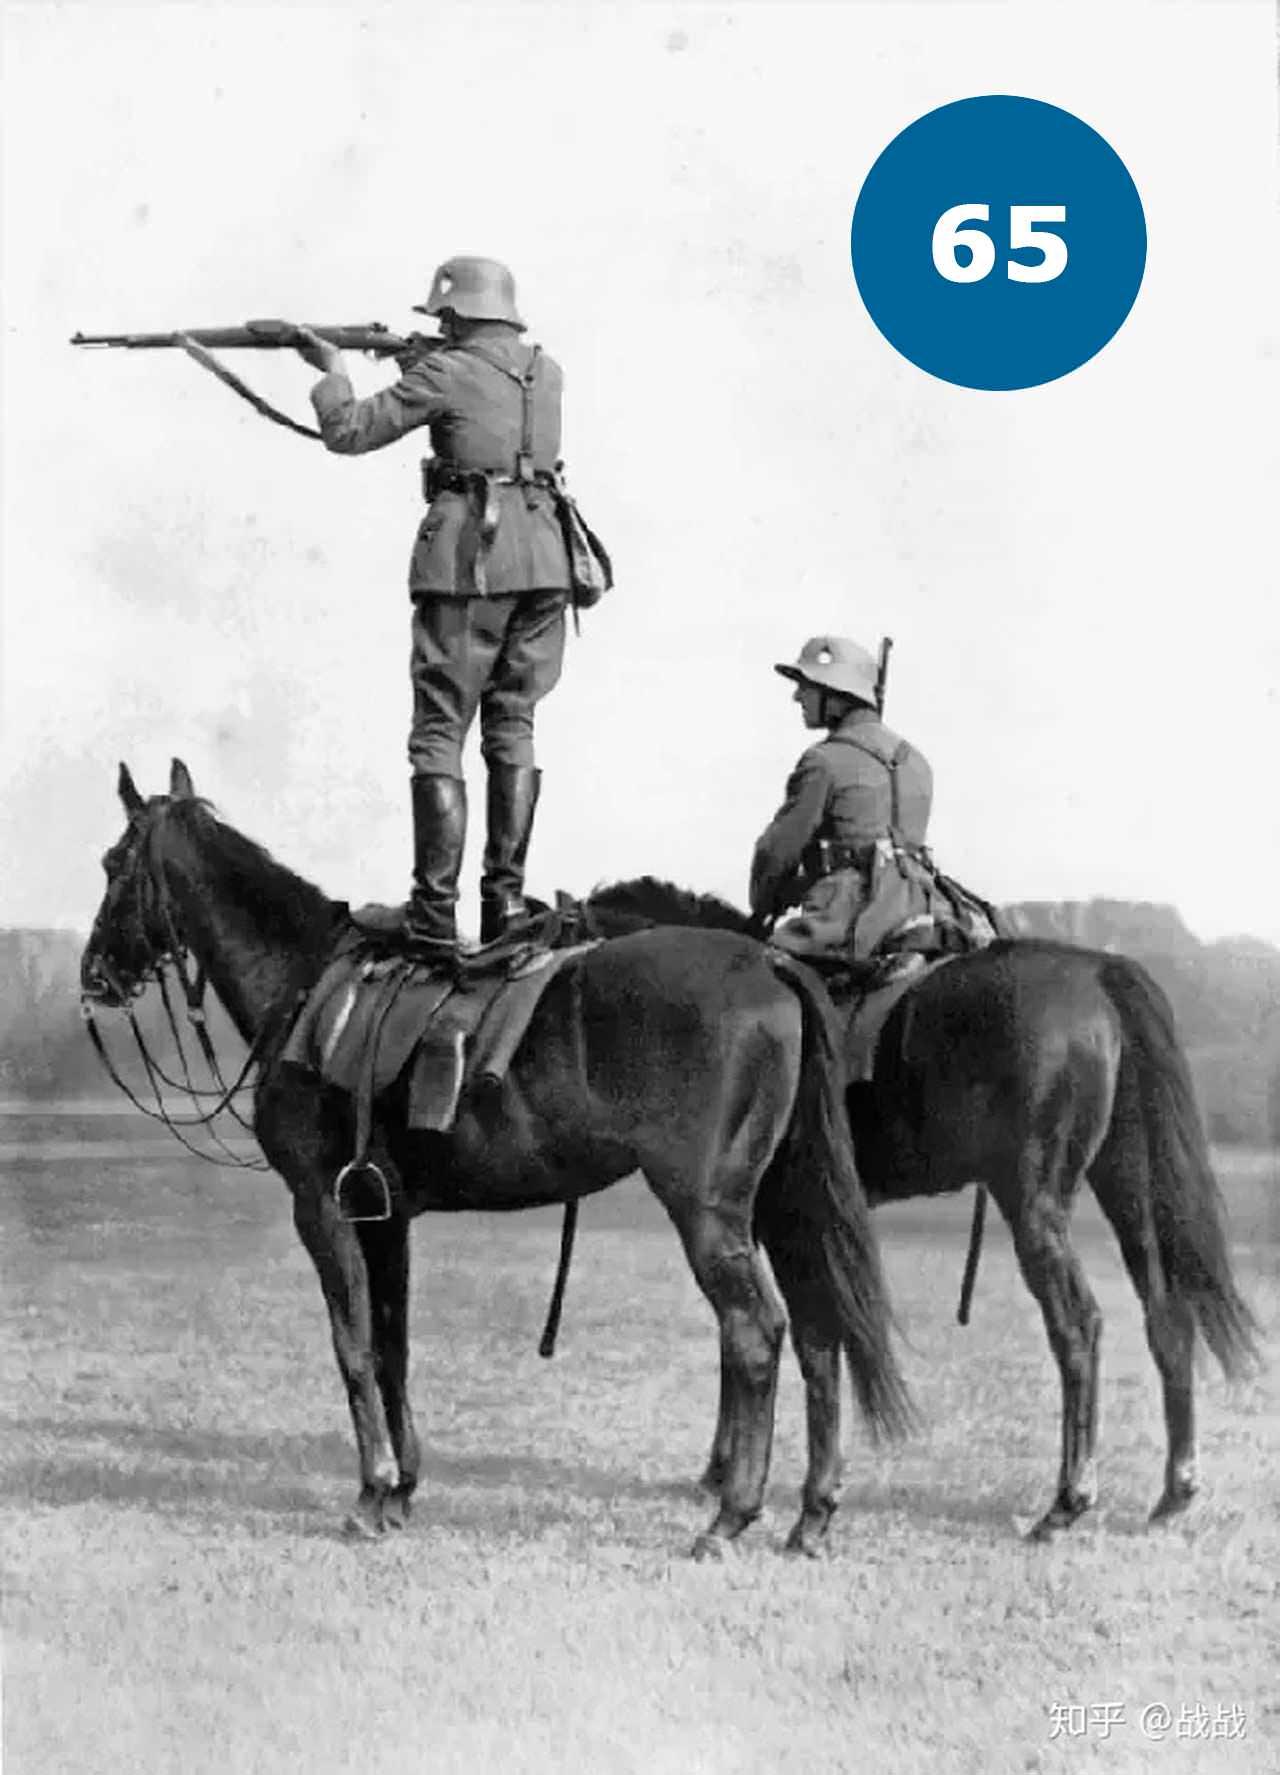 Стрільби німецьких солдат в період Другої Світової Війни